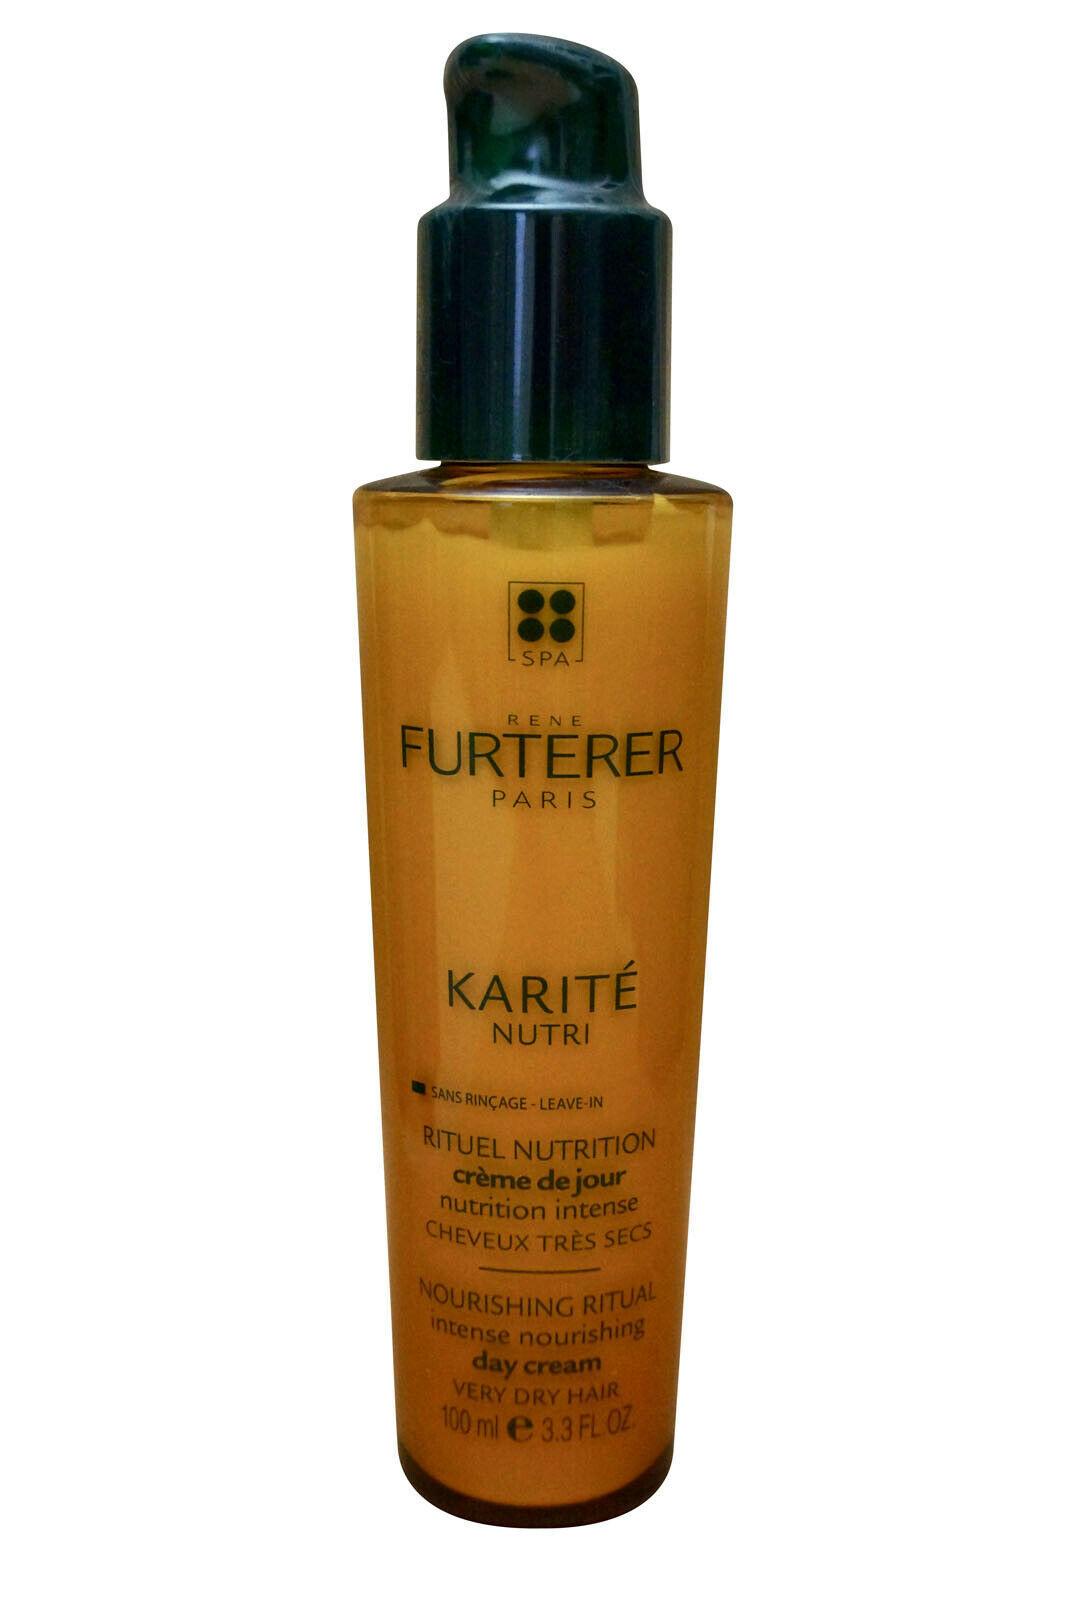 Rene Furterer Karite Nutri Intense Nourishing Day Cream Very Dry Hair 3.3 OZ - $56.63